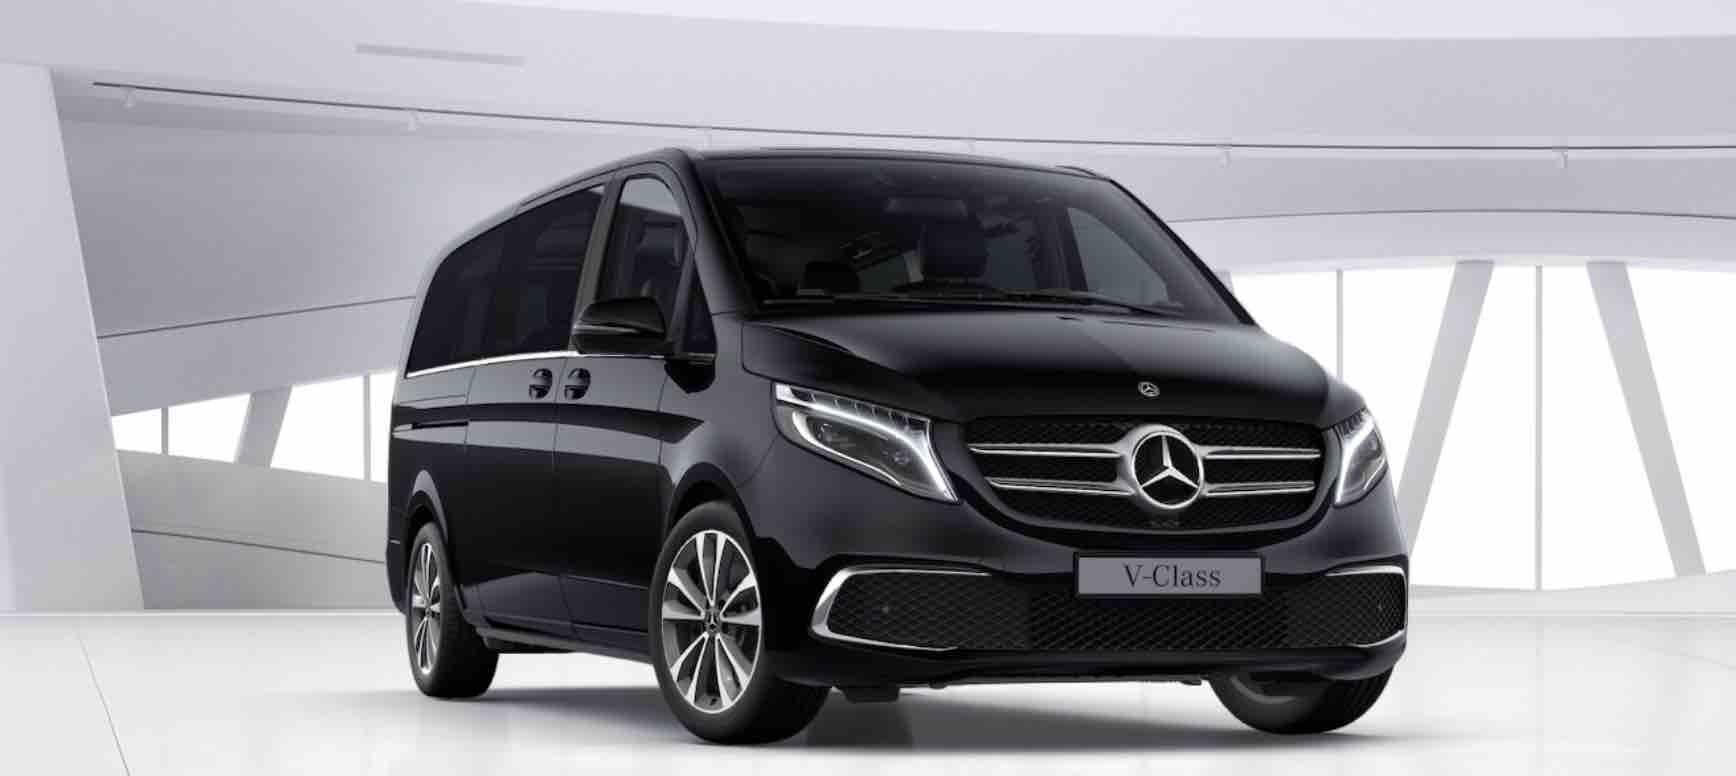 Luxury Chauffeur Car Service Milan – V Class Minivan